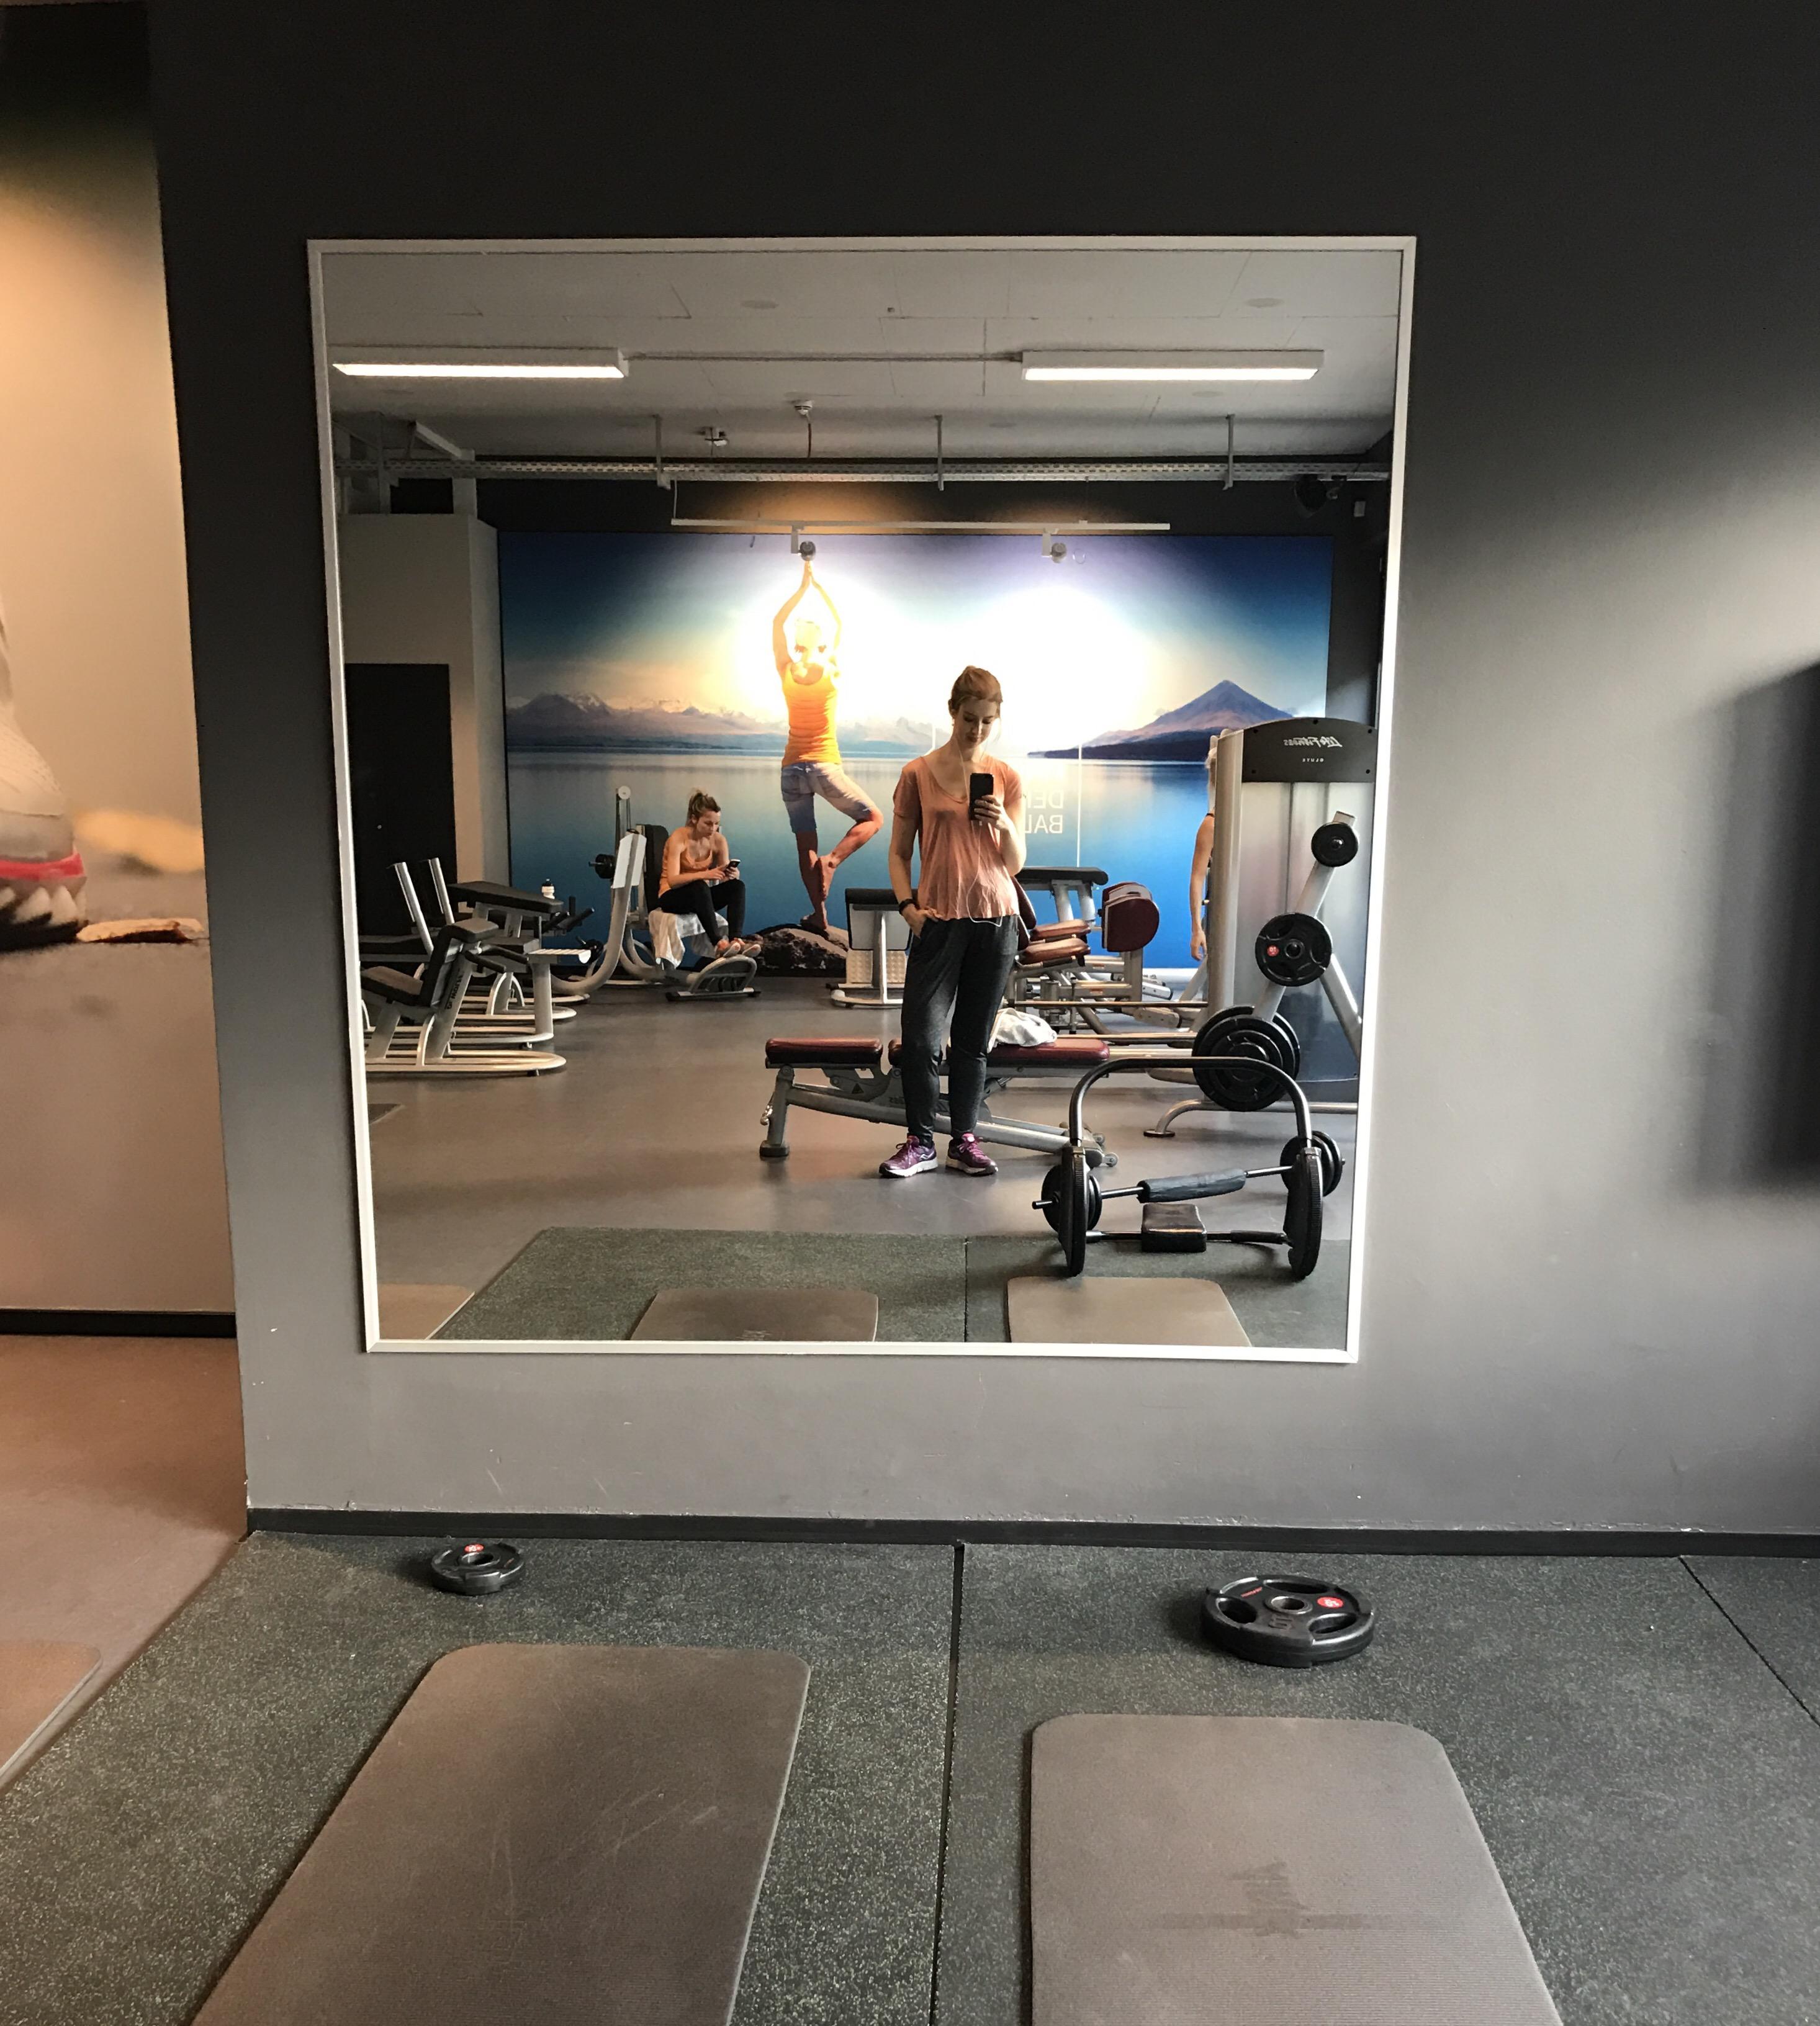 Ein Pummel Wird Fit: 5 Fitnessstudio Tipps